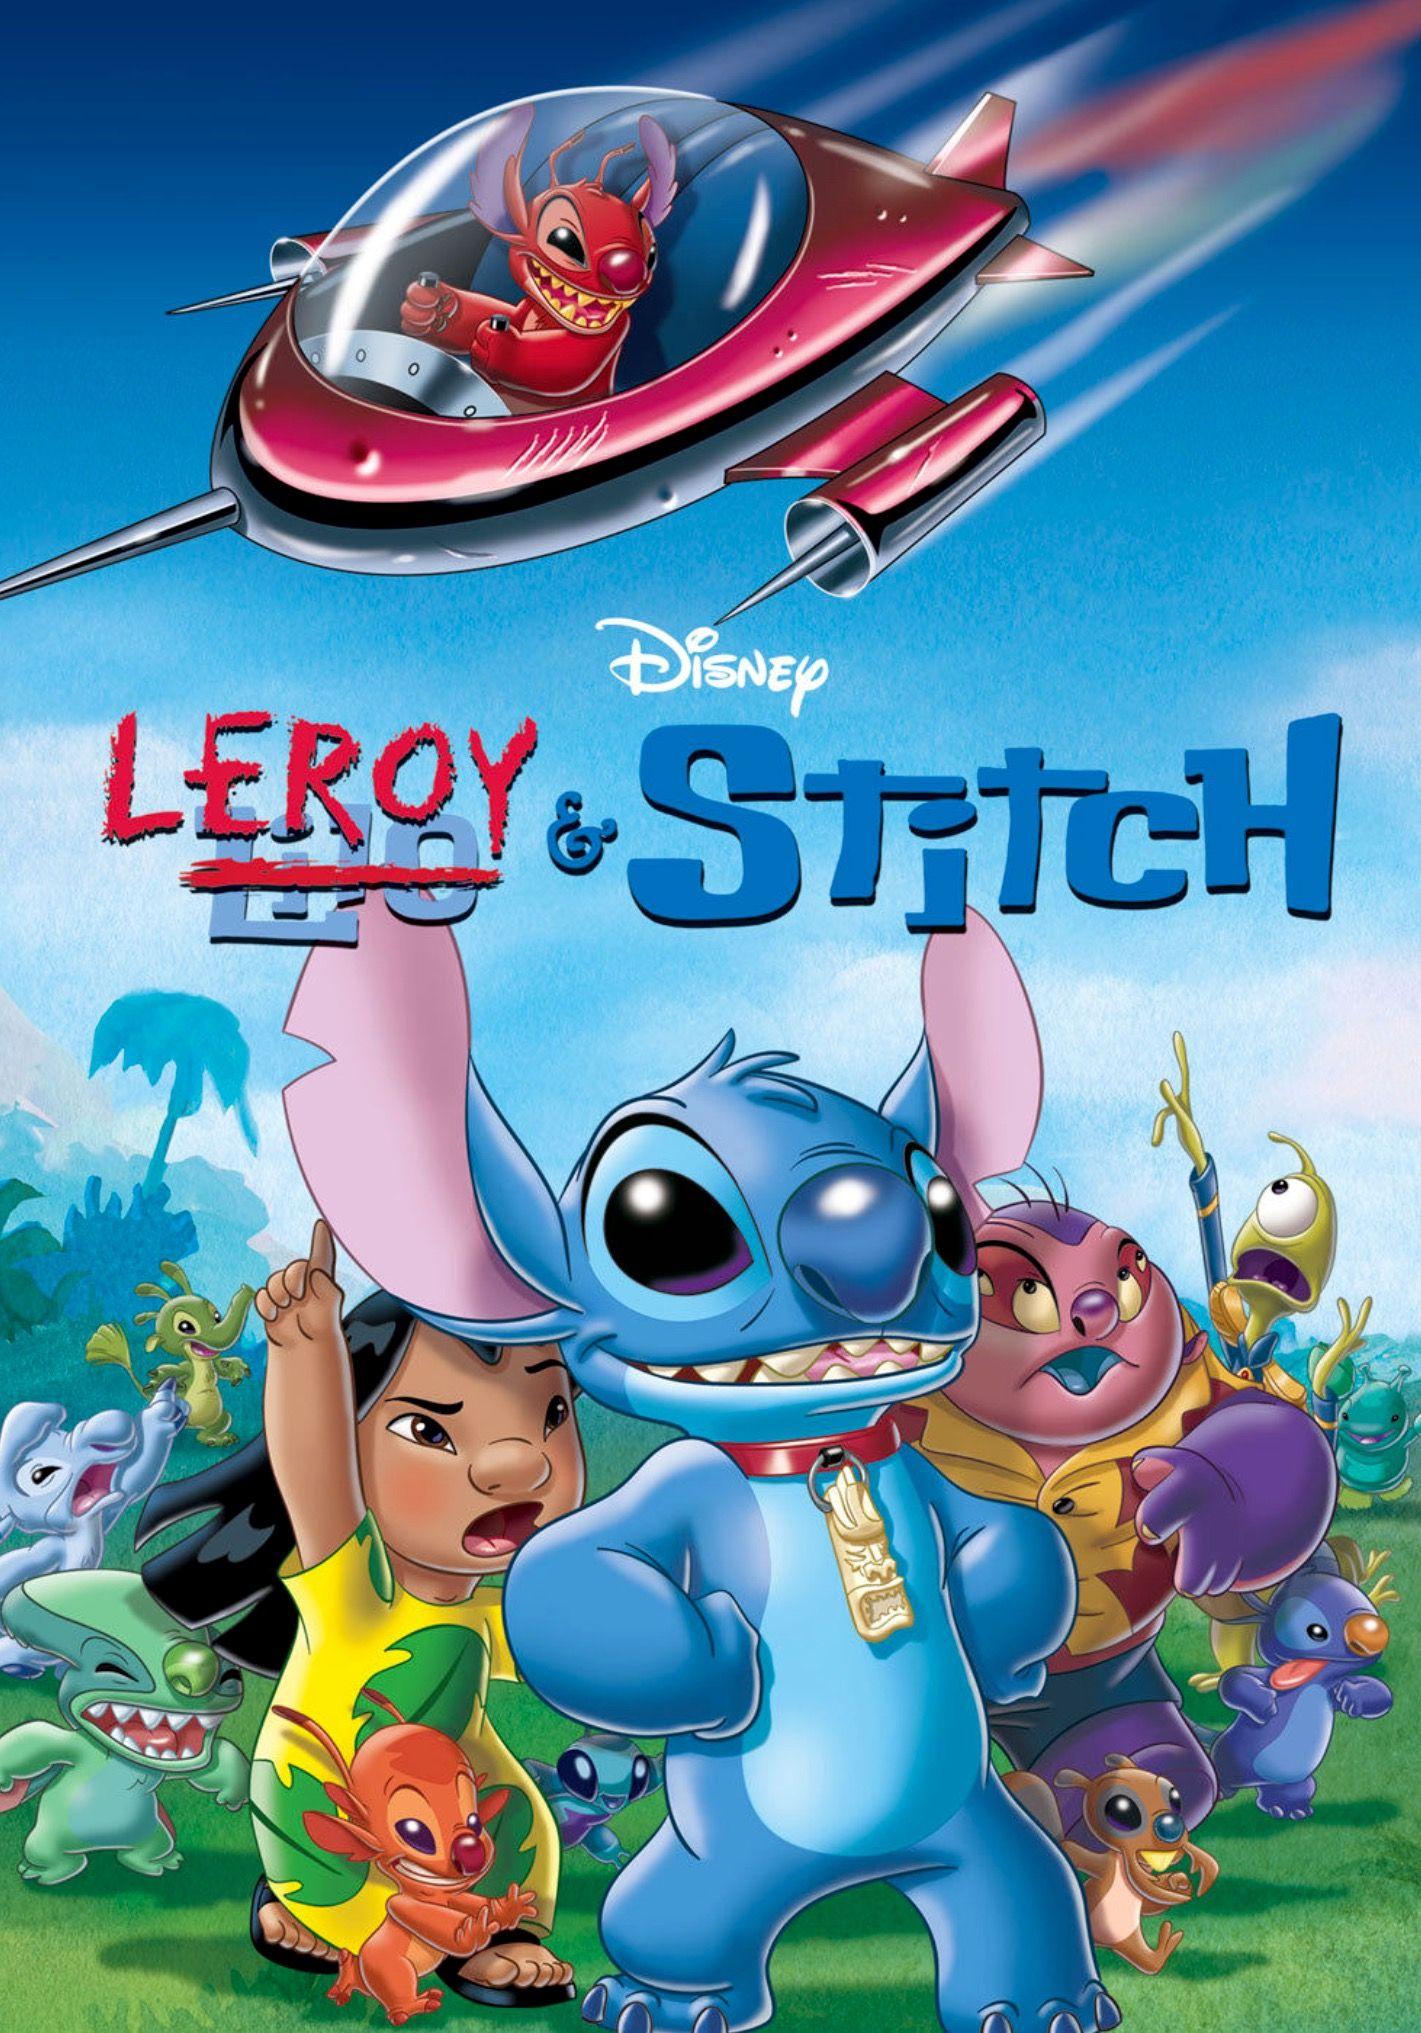 Leroy stitch disney movies anywhere stitch movie